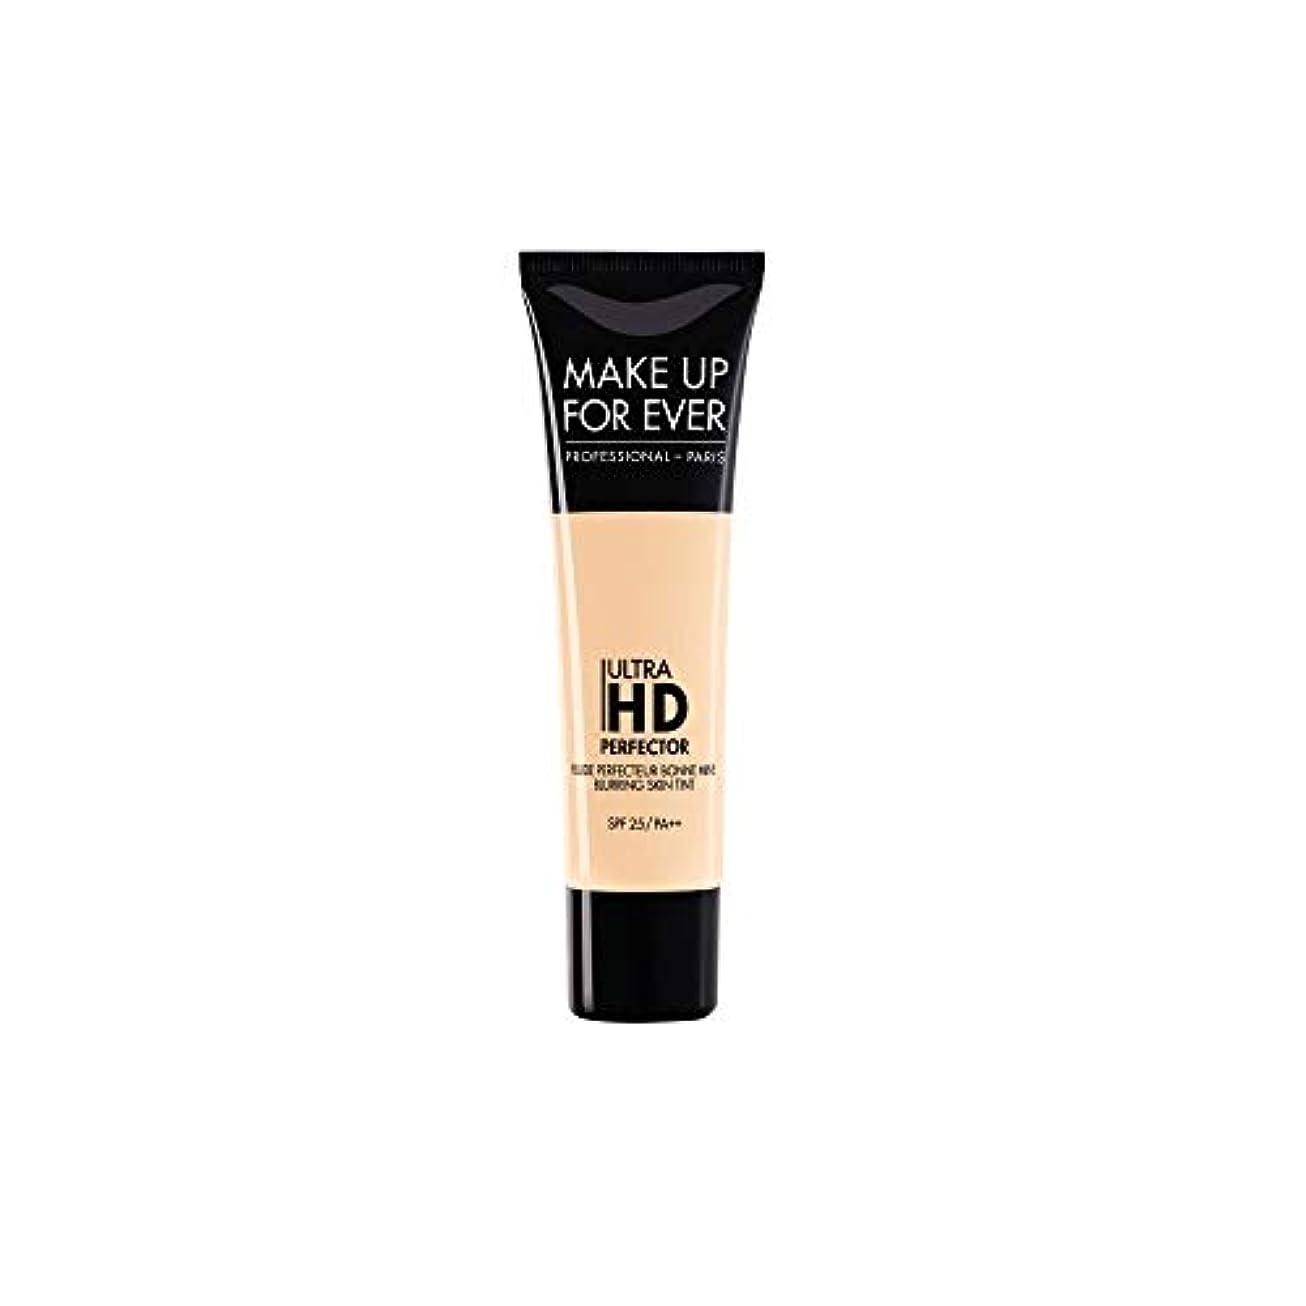 傷つける文言休憩メイクアップフォーエバー Ultra HD Perfector Blurring Skin Tint SPF25 - # 01 Vanilla 30ml/1.01oz並行輸入品